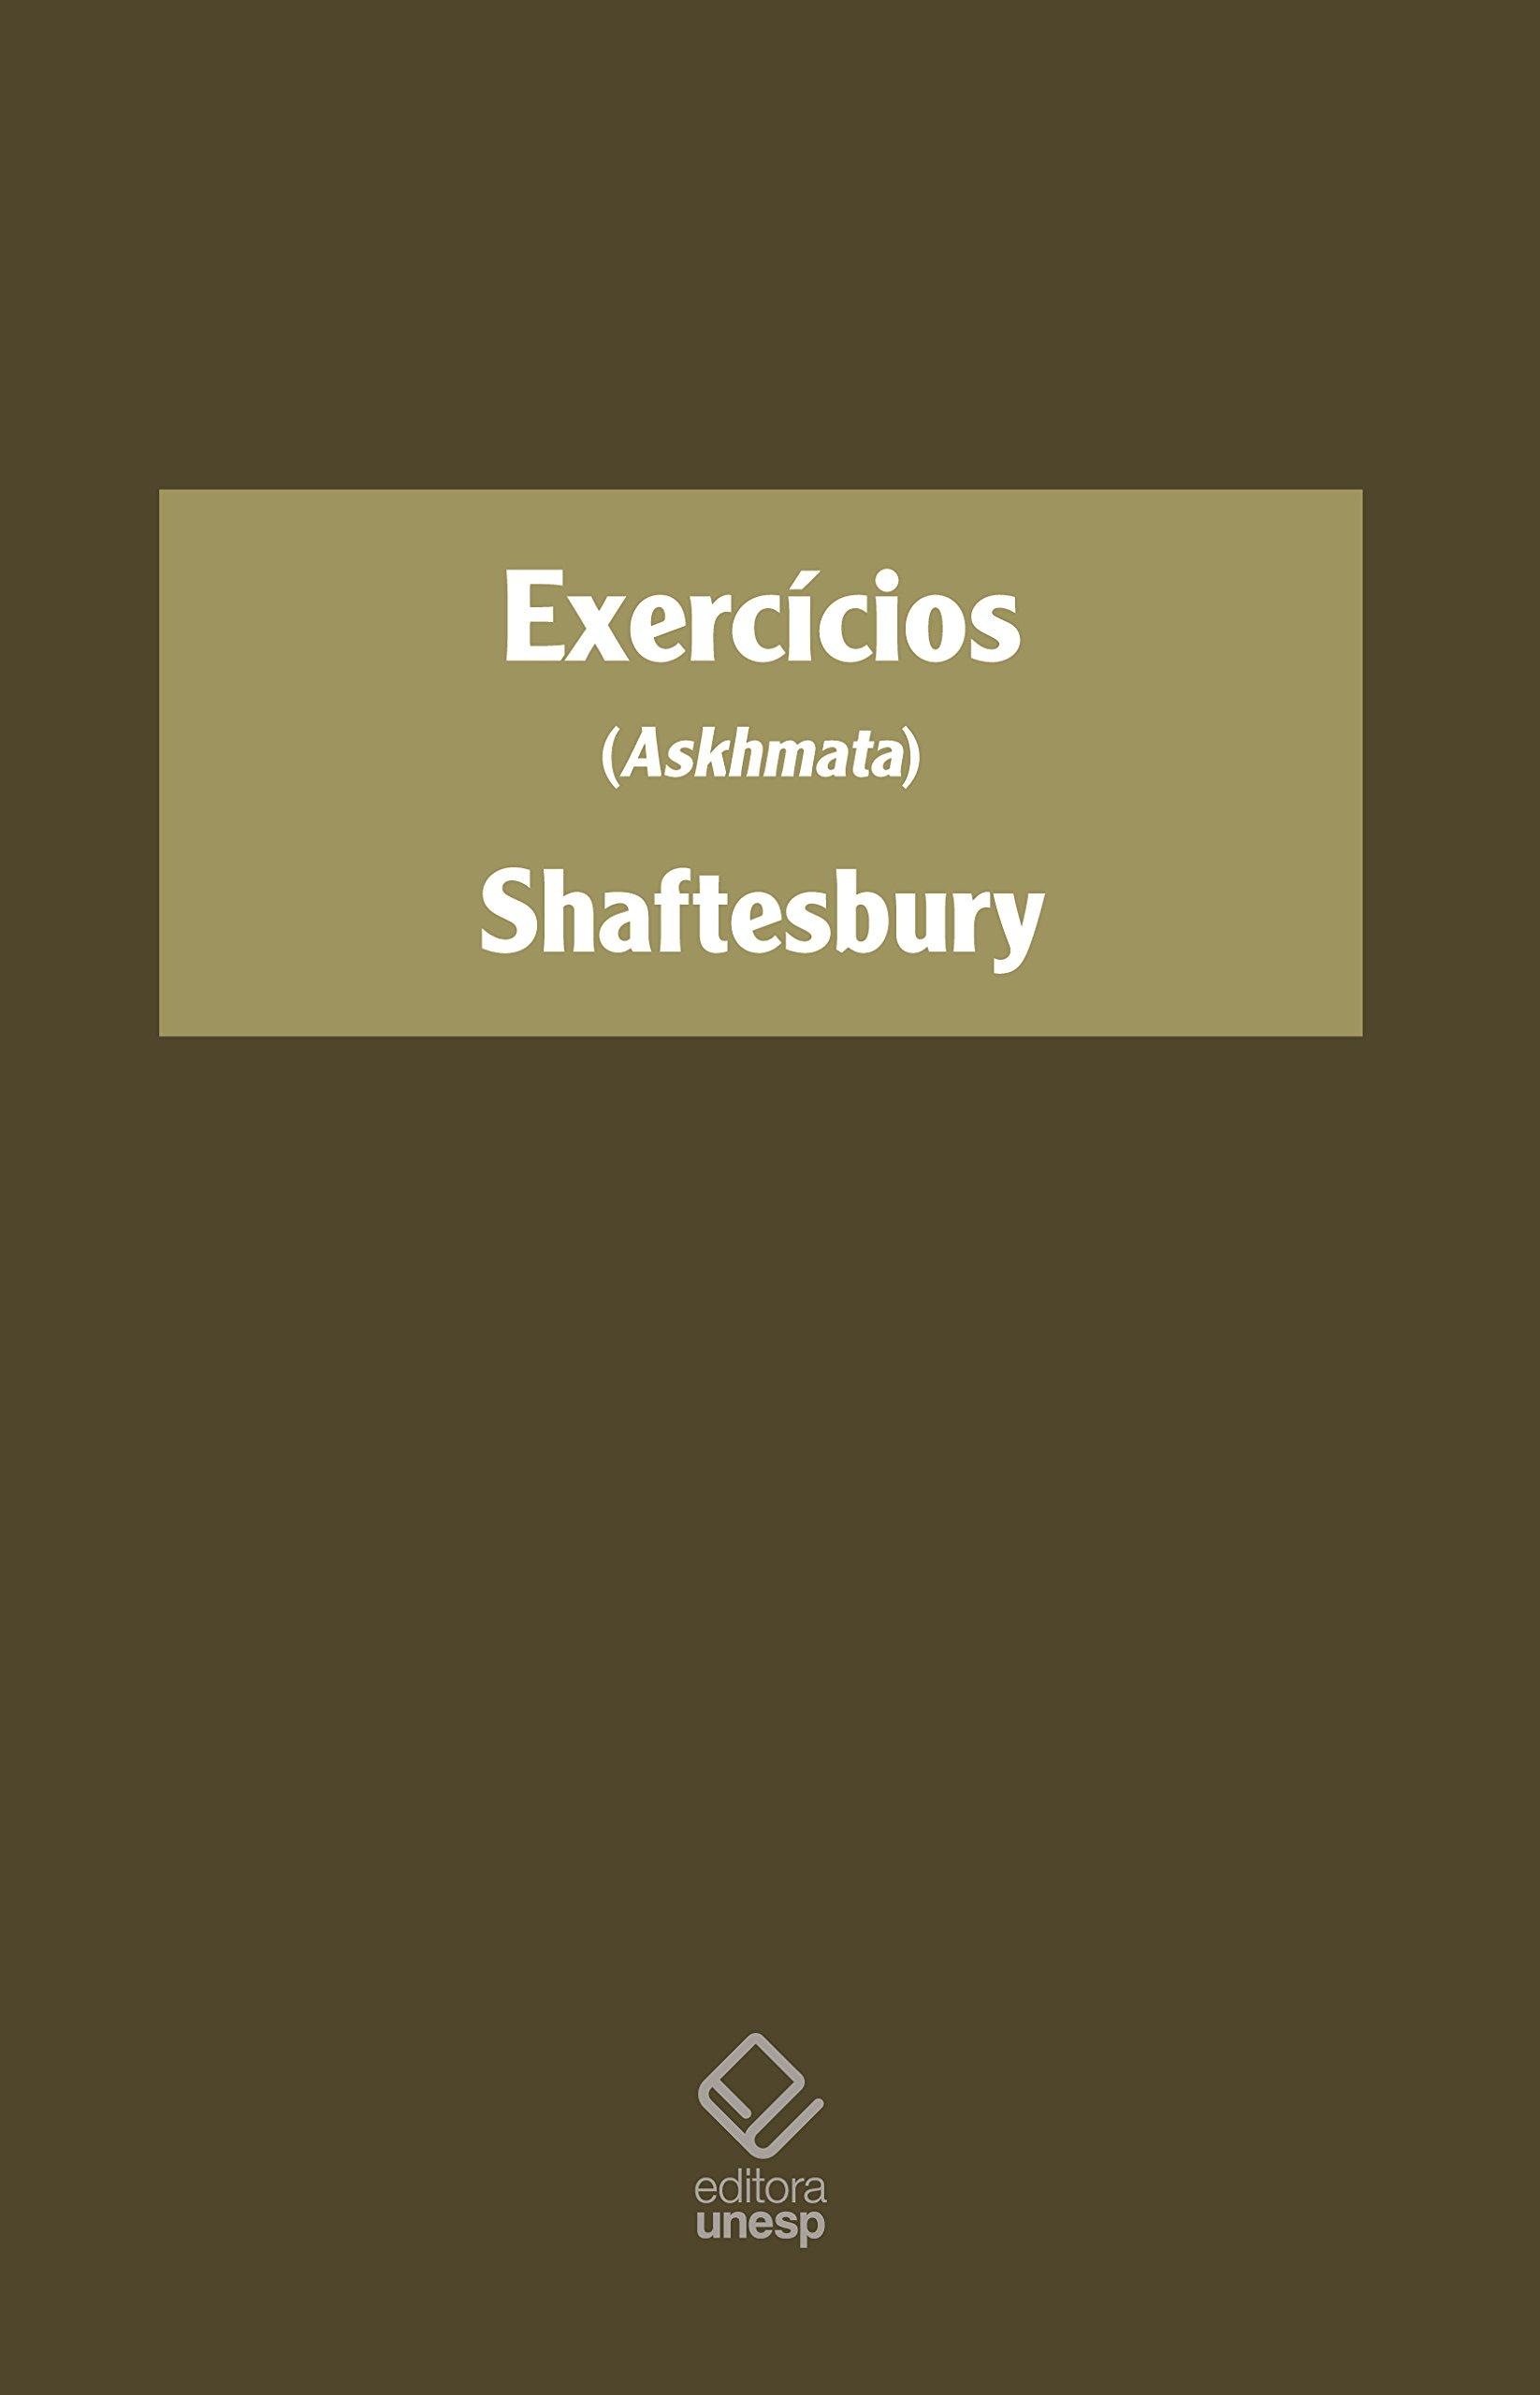 Exercícios - (Askhmata), livro de Shaftesbury